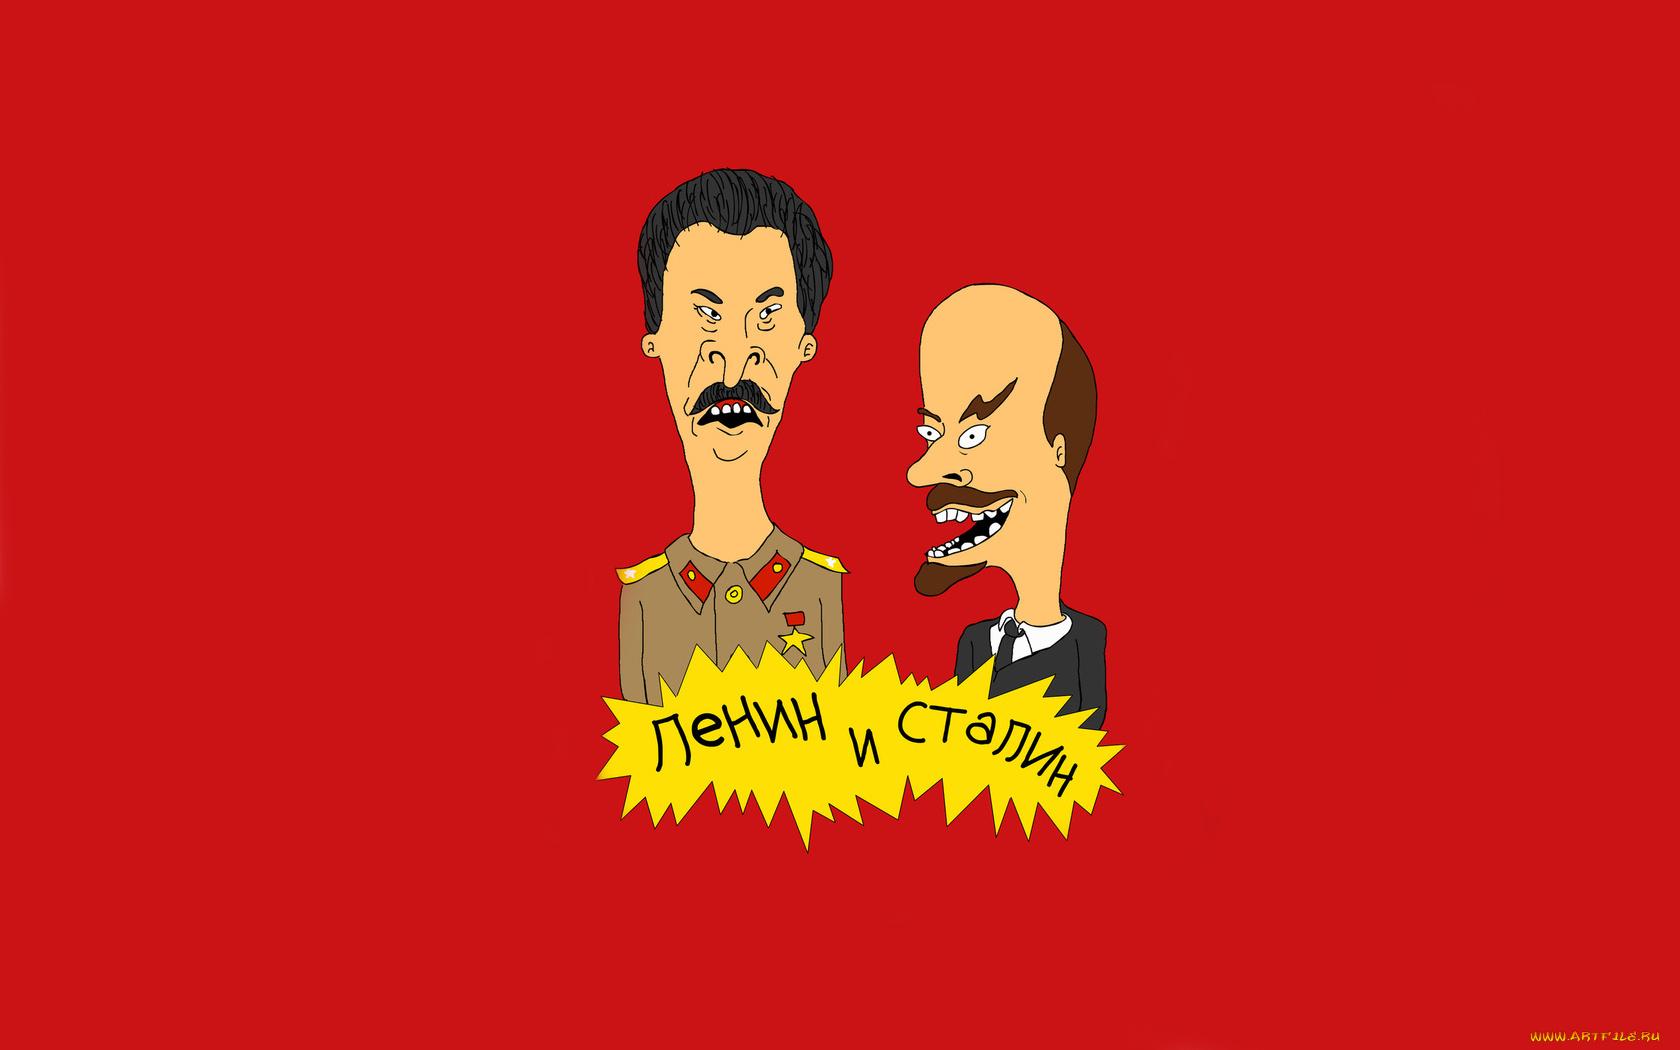 Открытки, смешные картинки сталин ленин